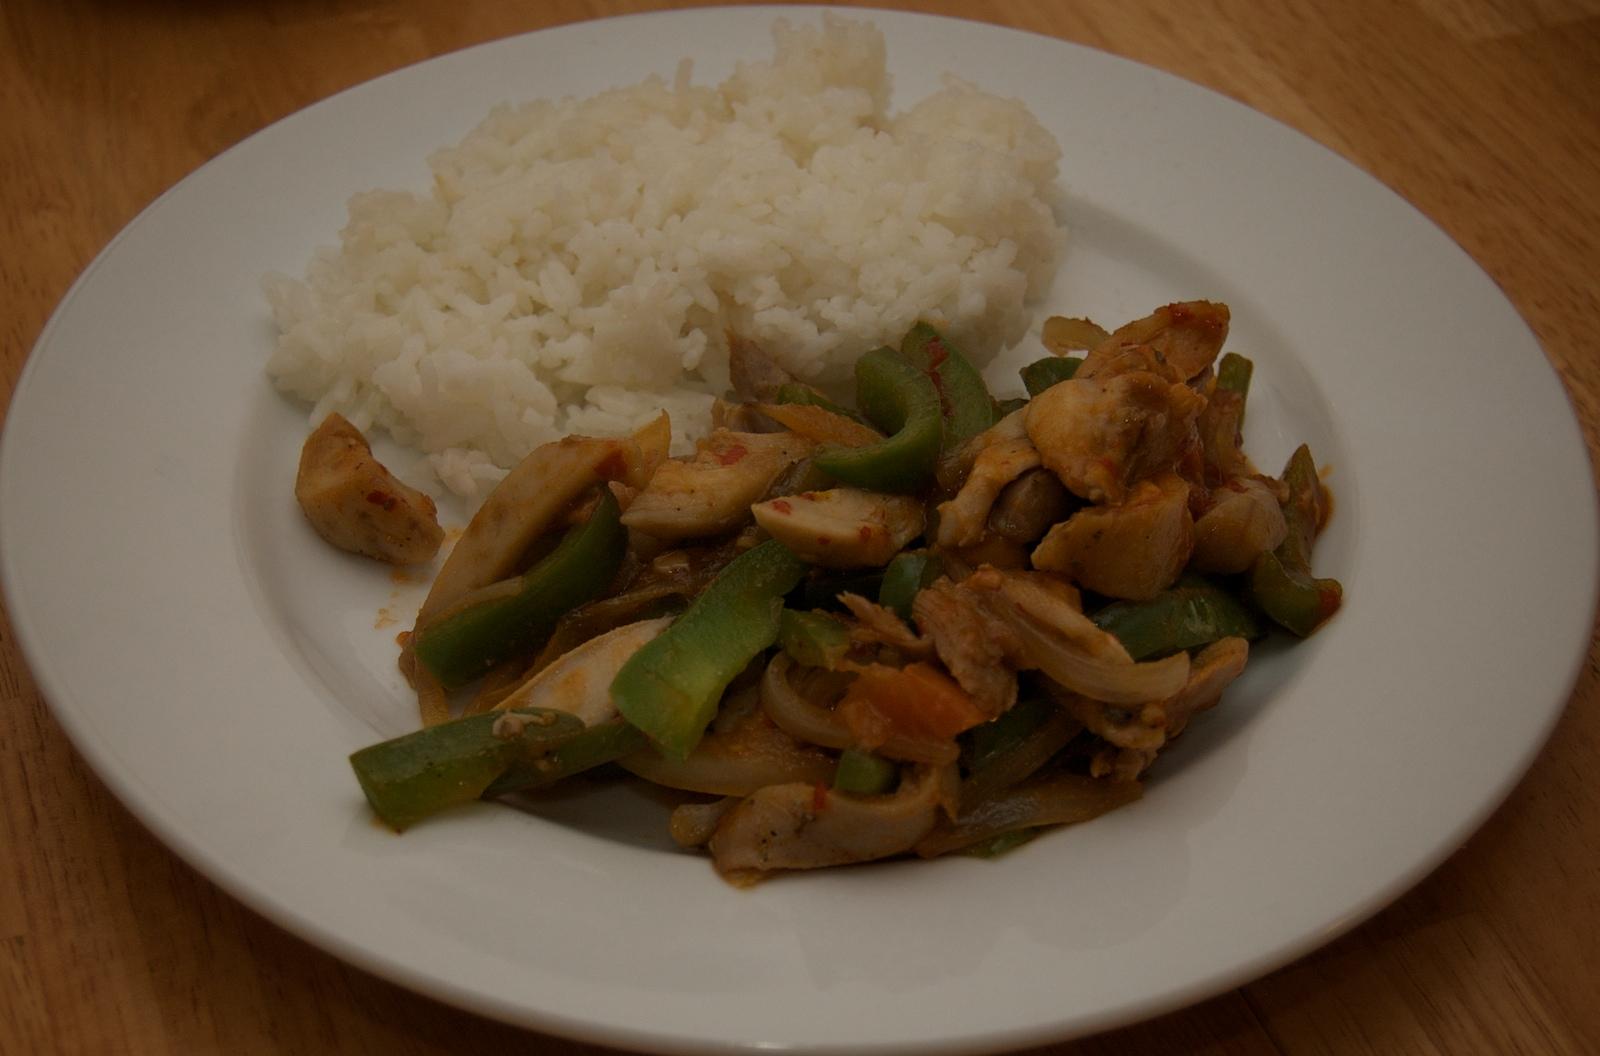 http://blog.rickk.com/food/2010/02/14/chicken3.jpg